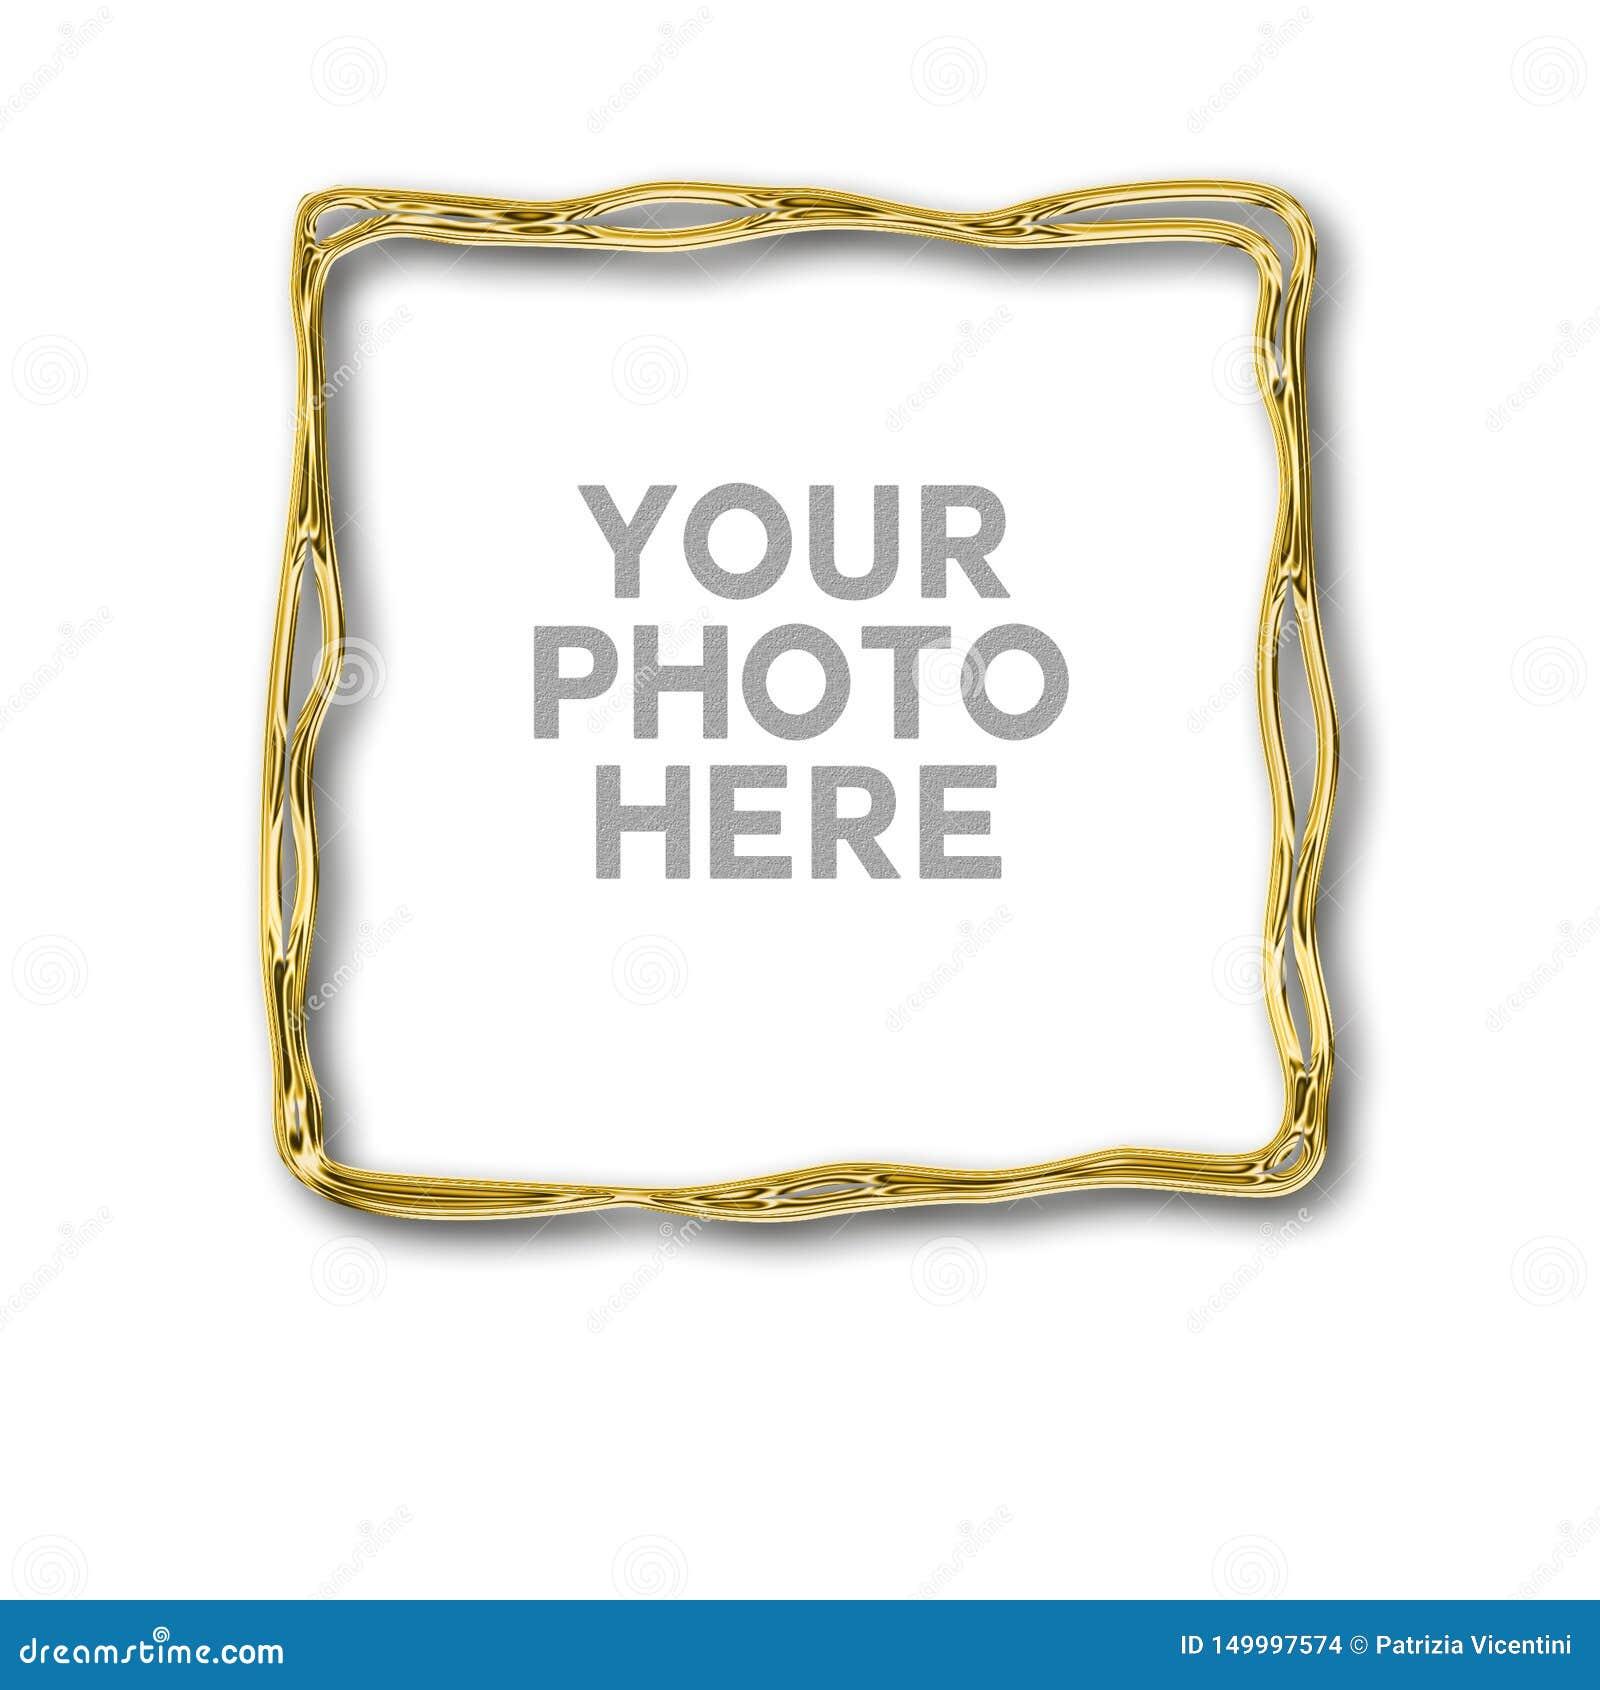 Golden irregular frame for your photo